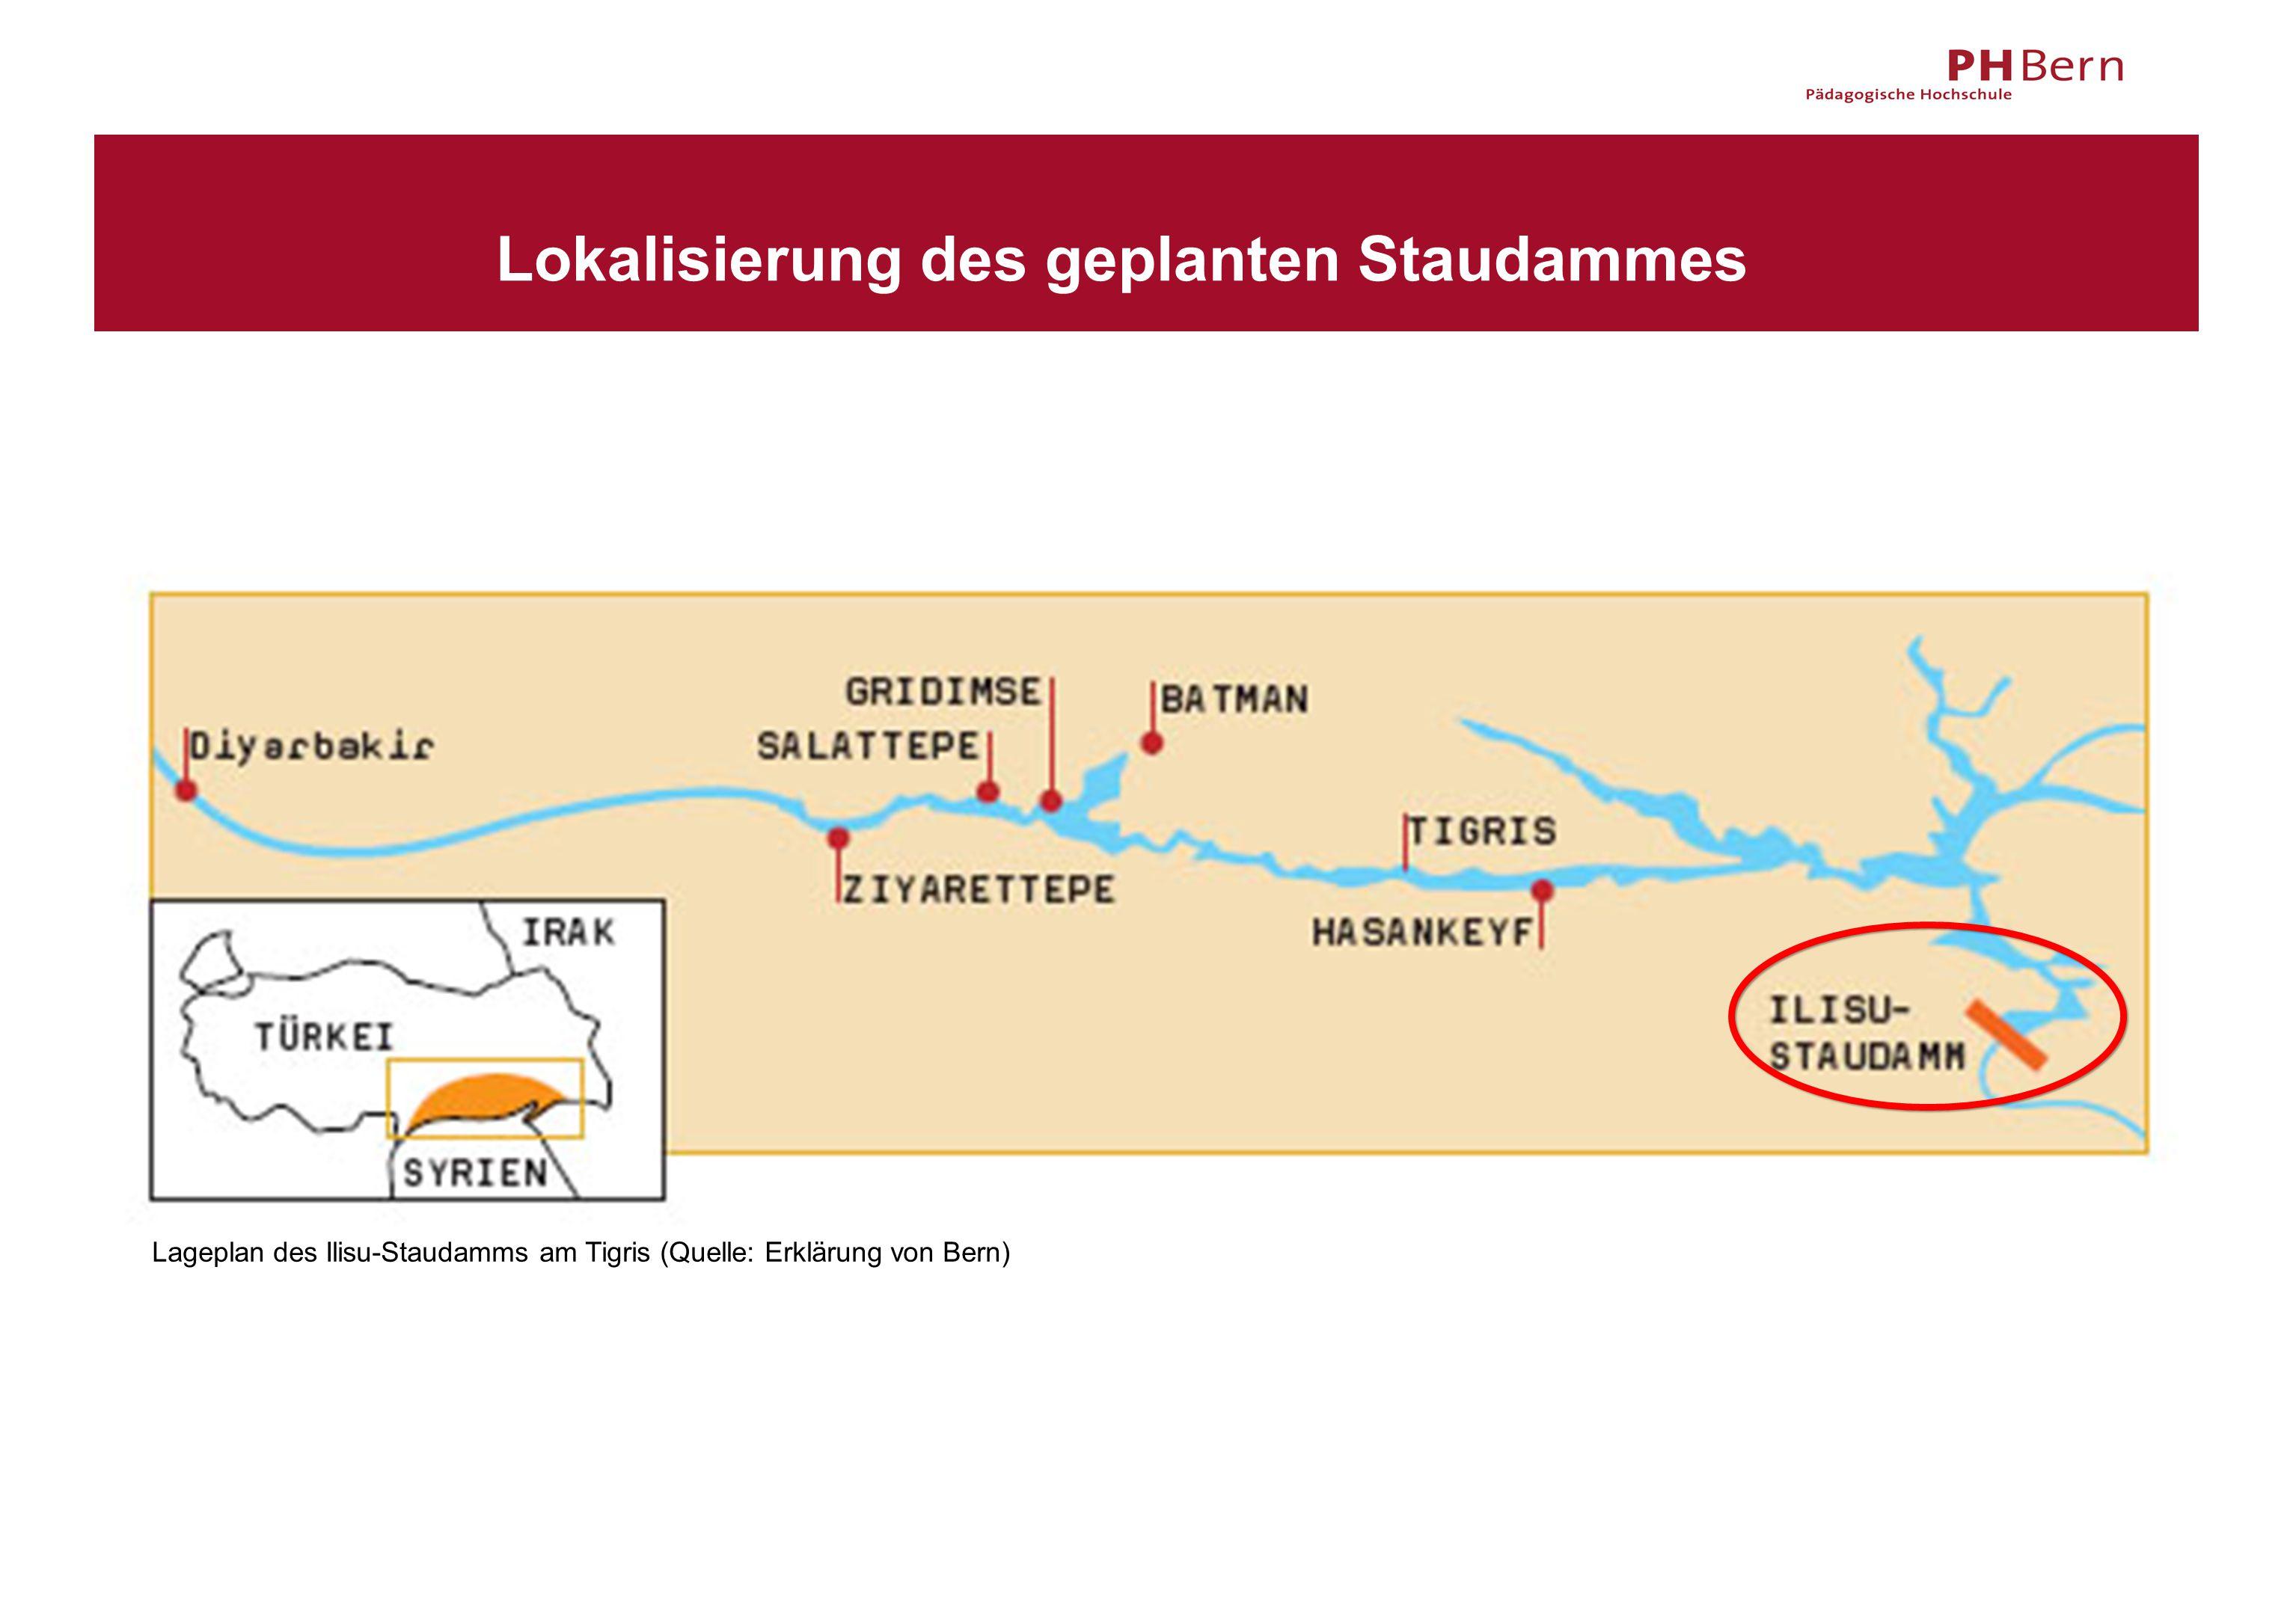 Lokalisierung des geplanten Staudammes Lageplan des Ilisu-Staudamms am Tigris (Quelle: Erklärung von Bern)